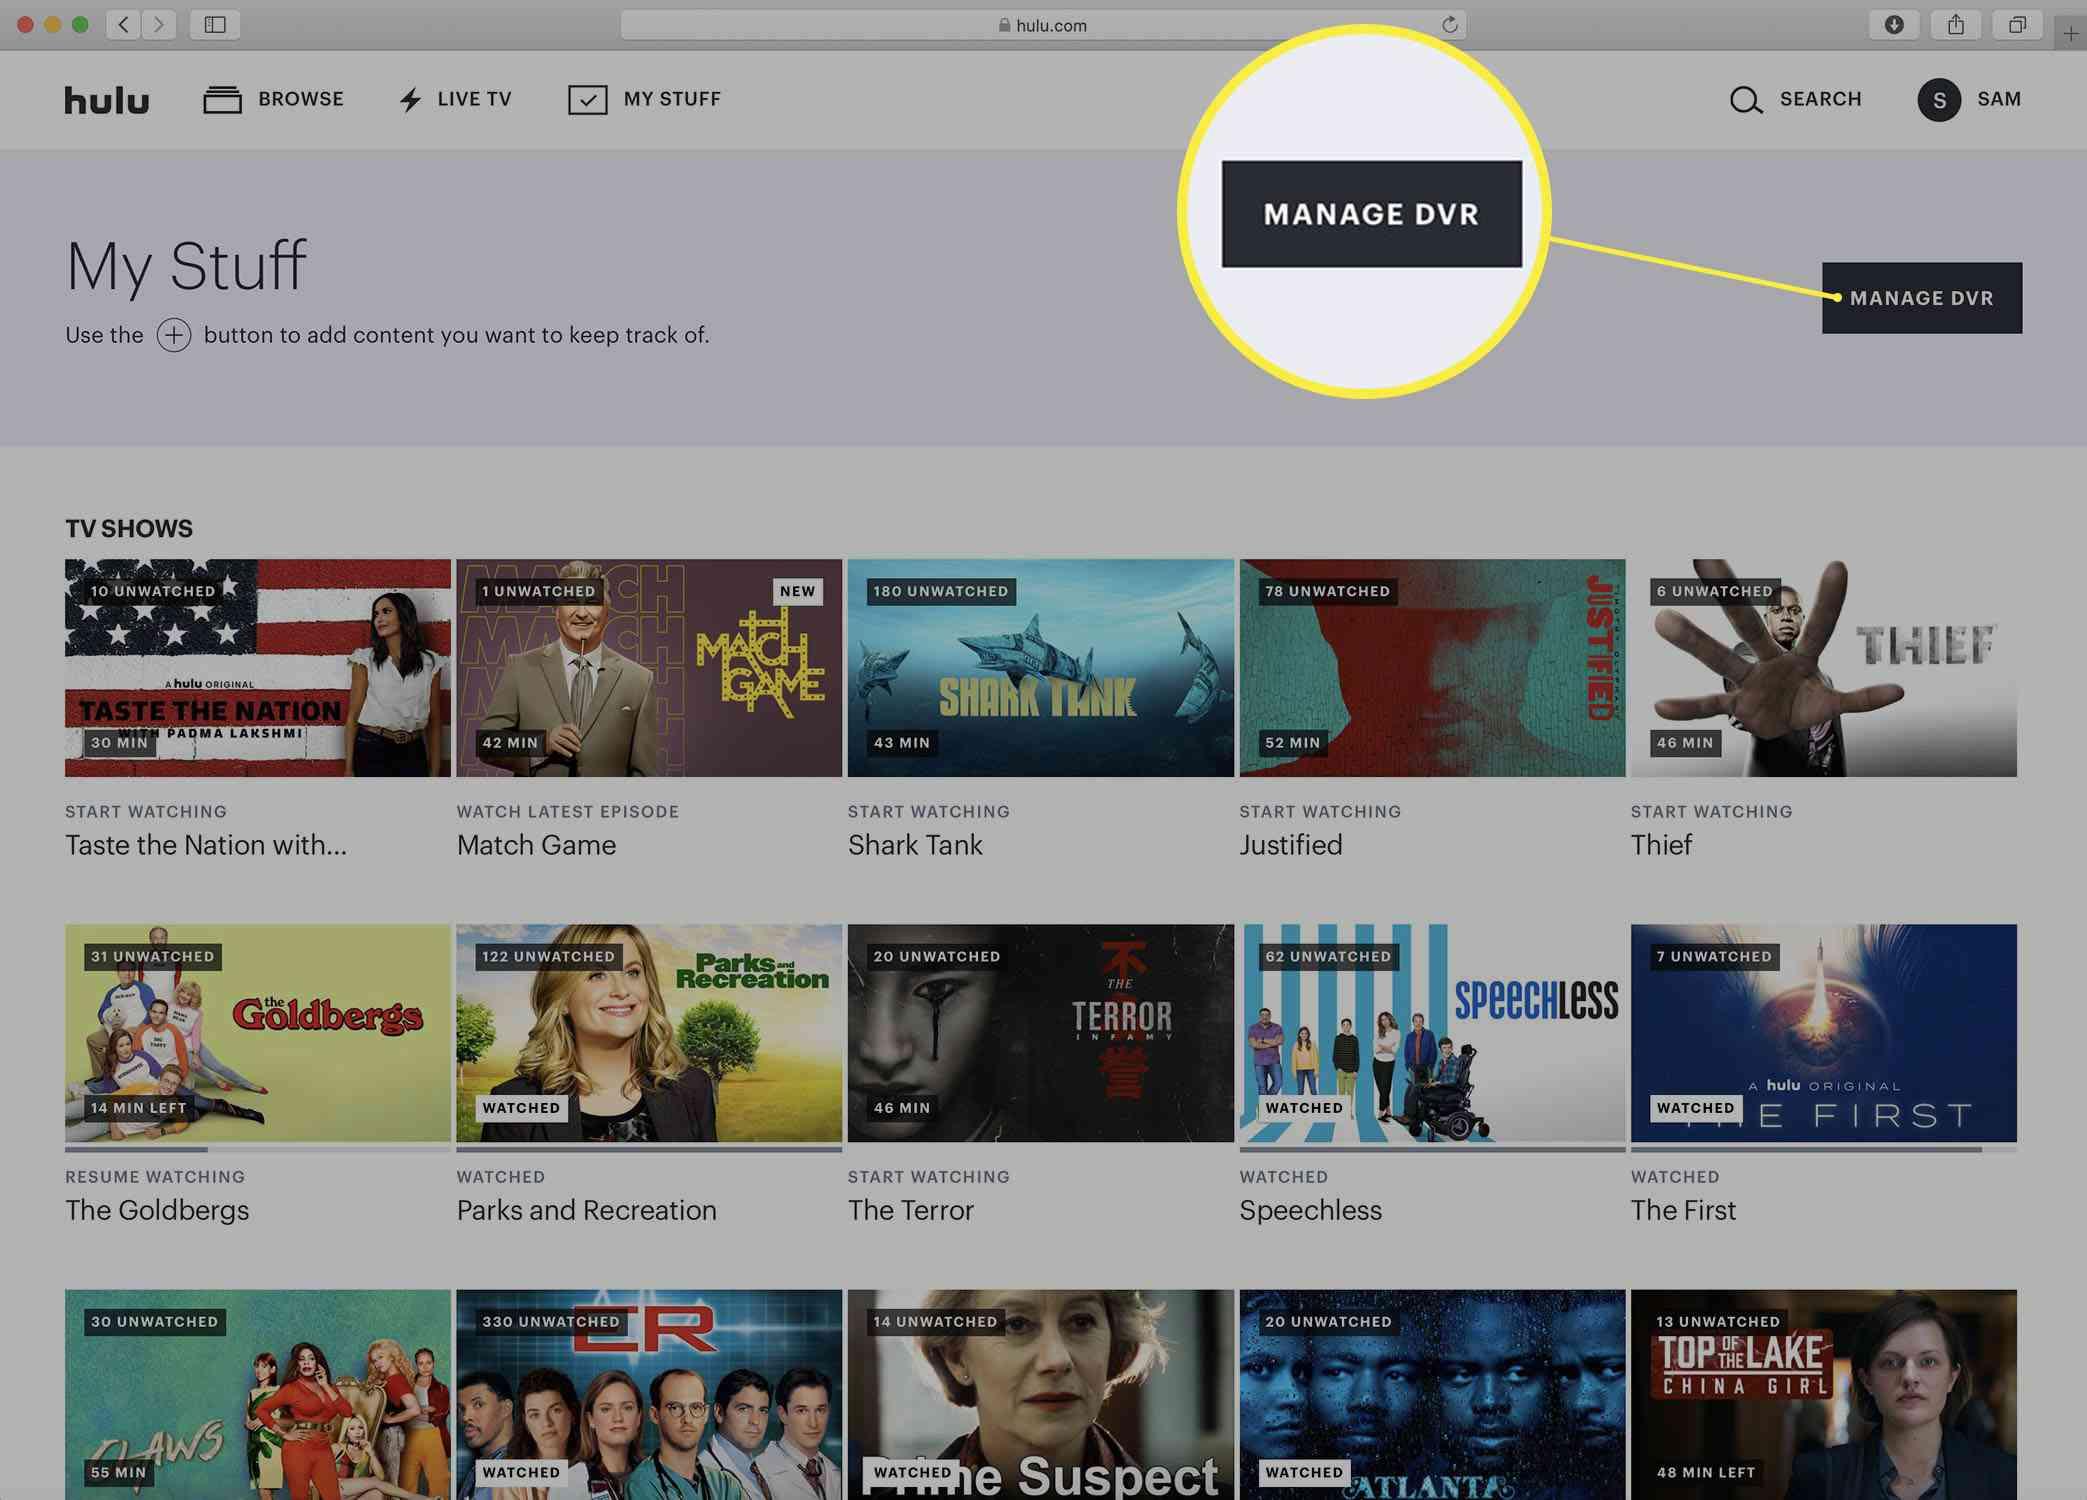 Screenshot of the Hulu My Stuff page.